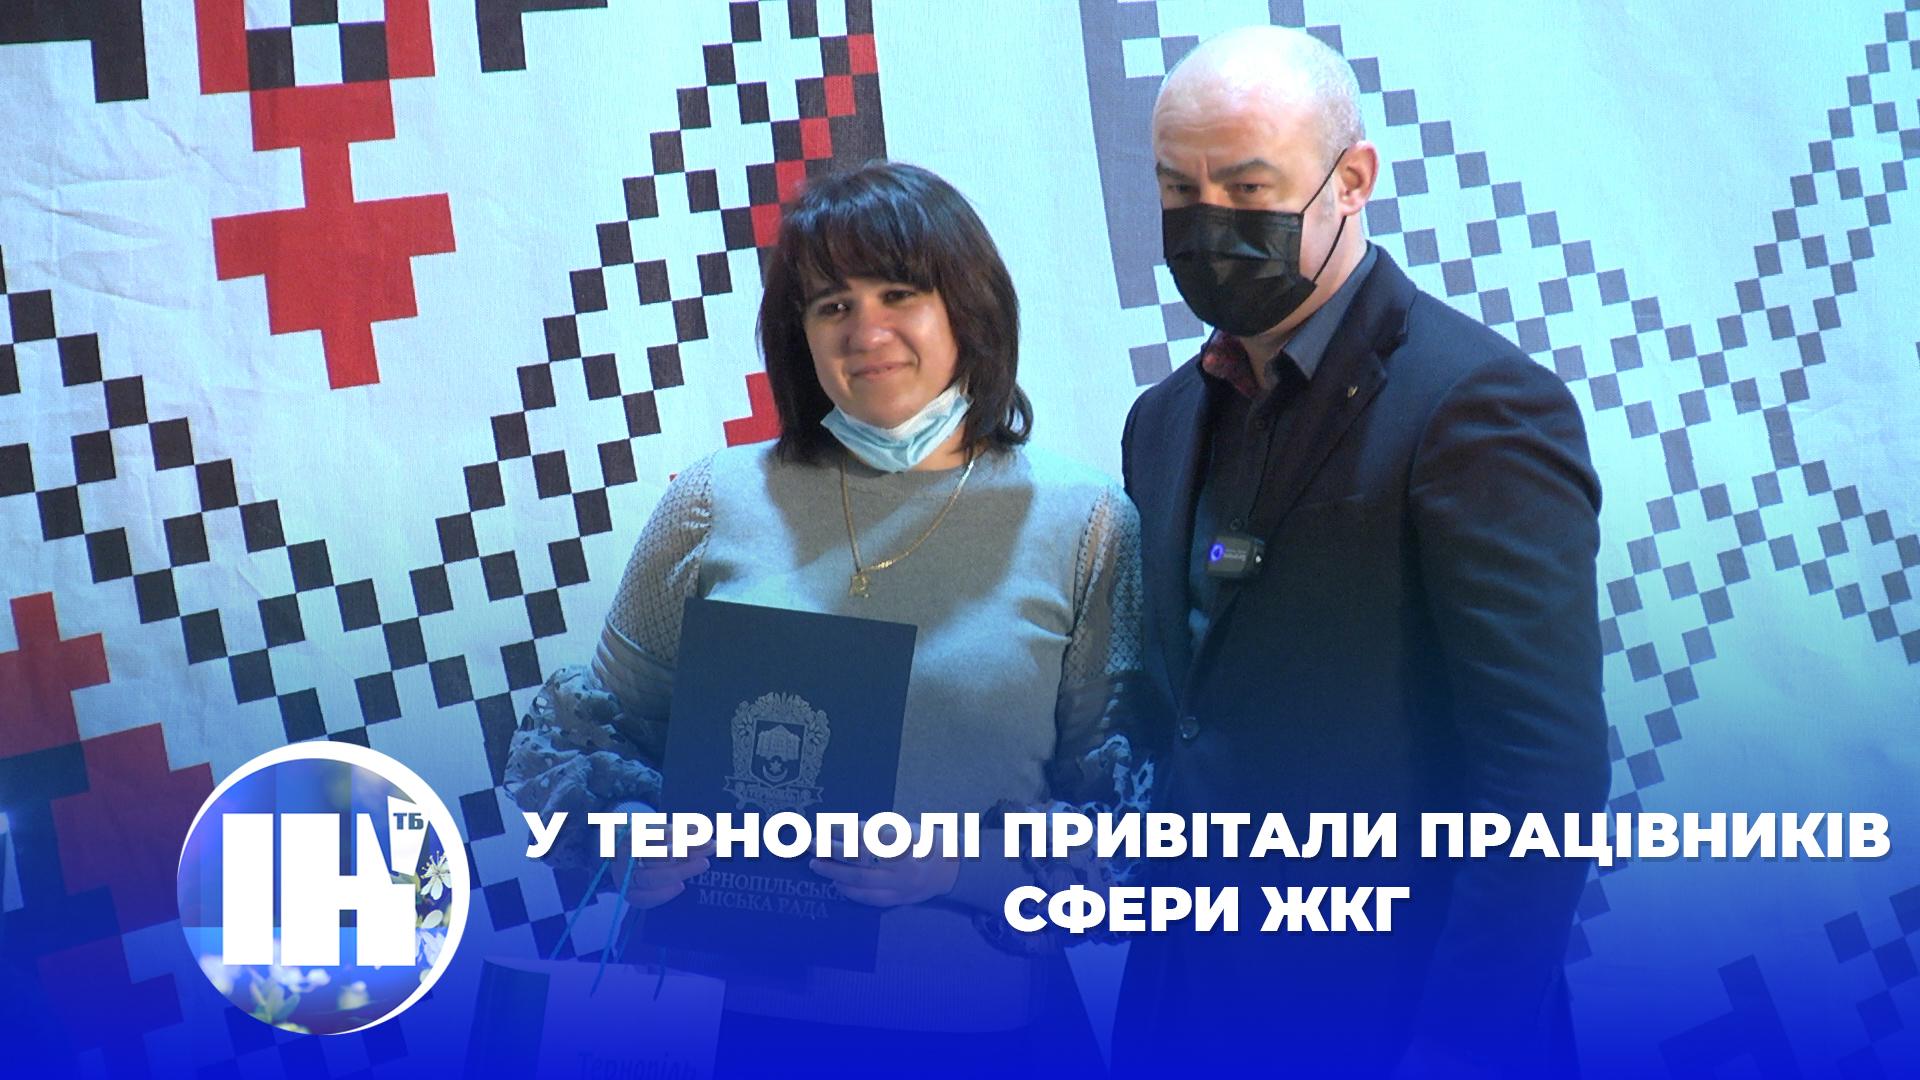 У Тернополі привітали працівників сфери ЖКГ